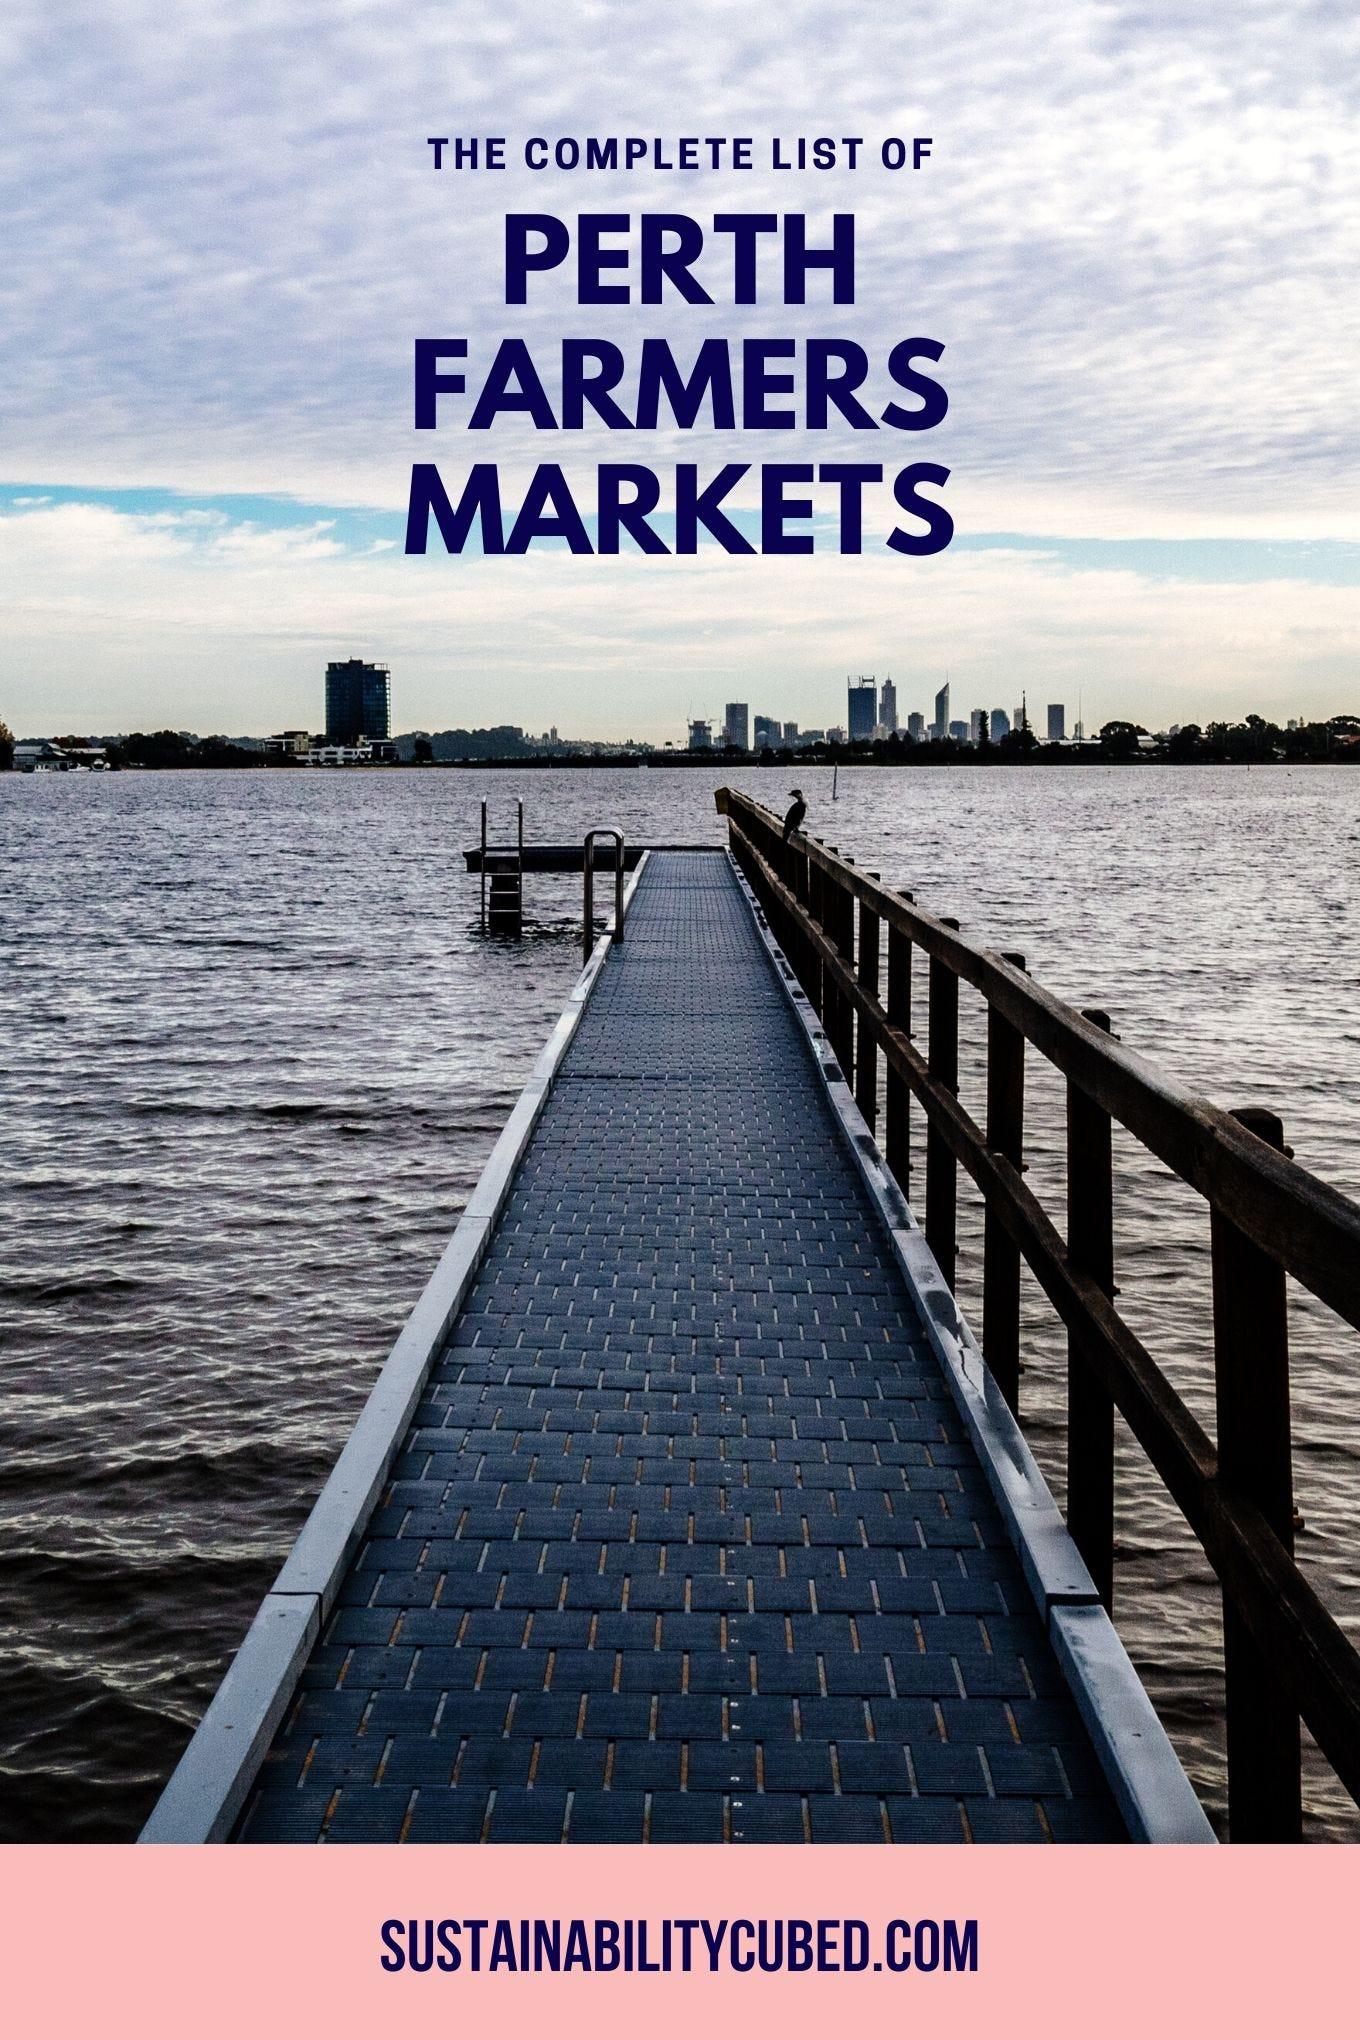 List of Perth Farmers Markets